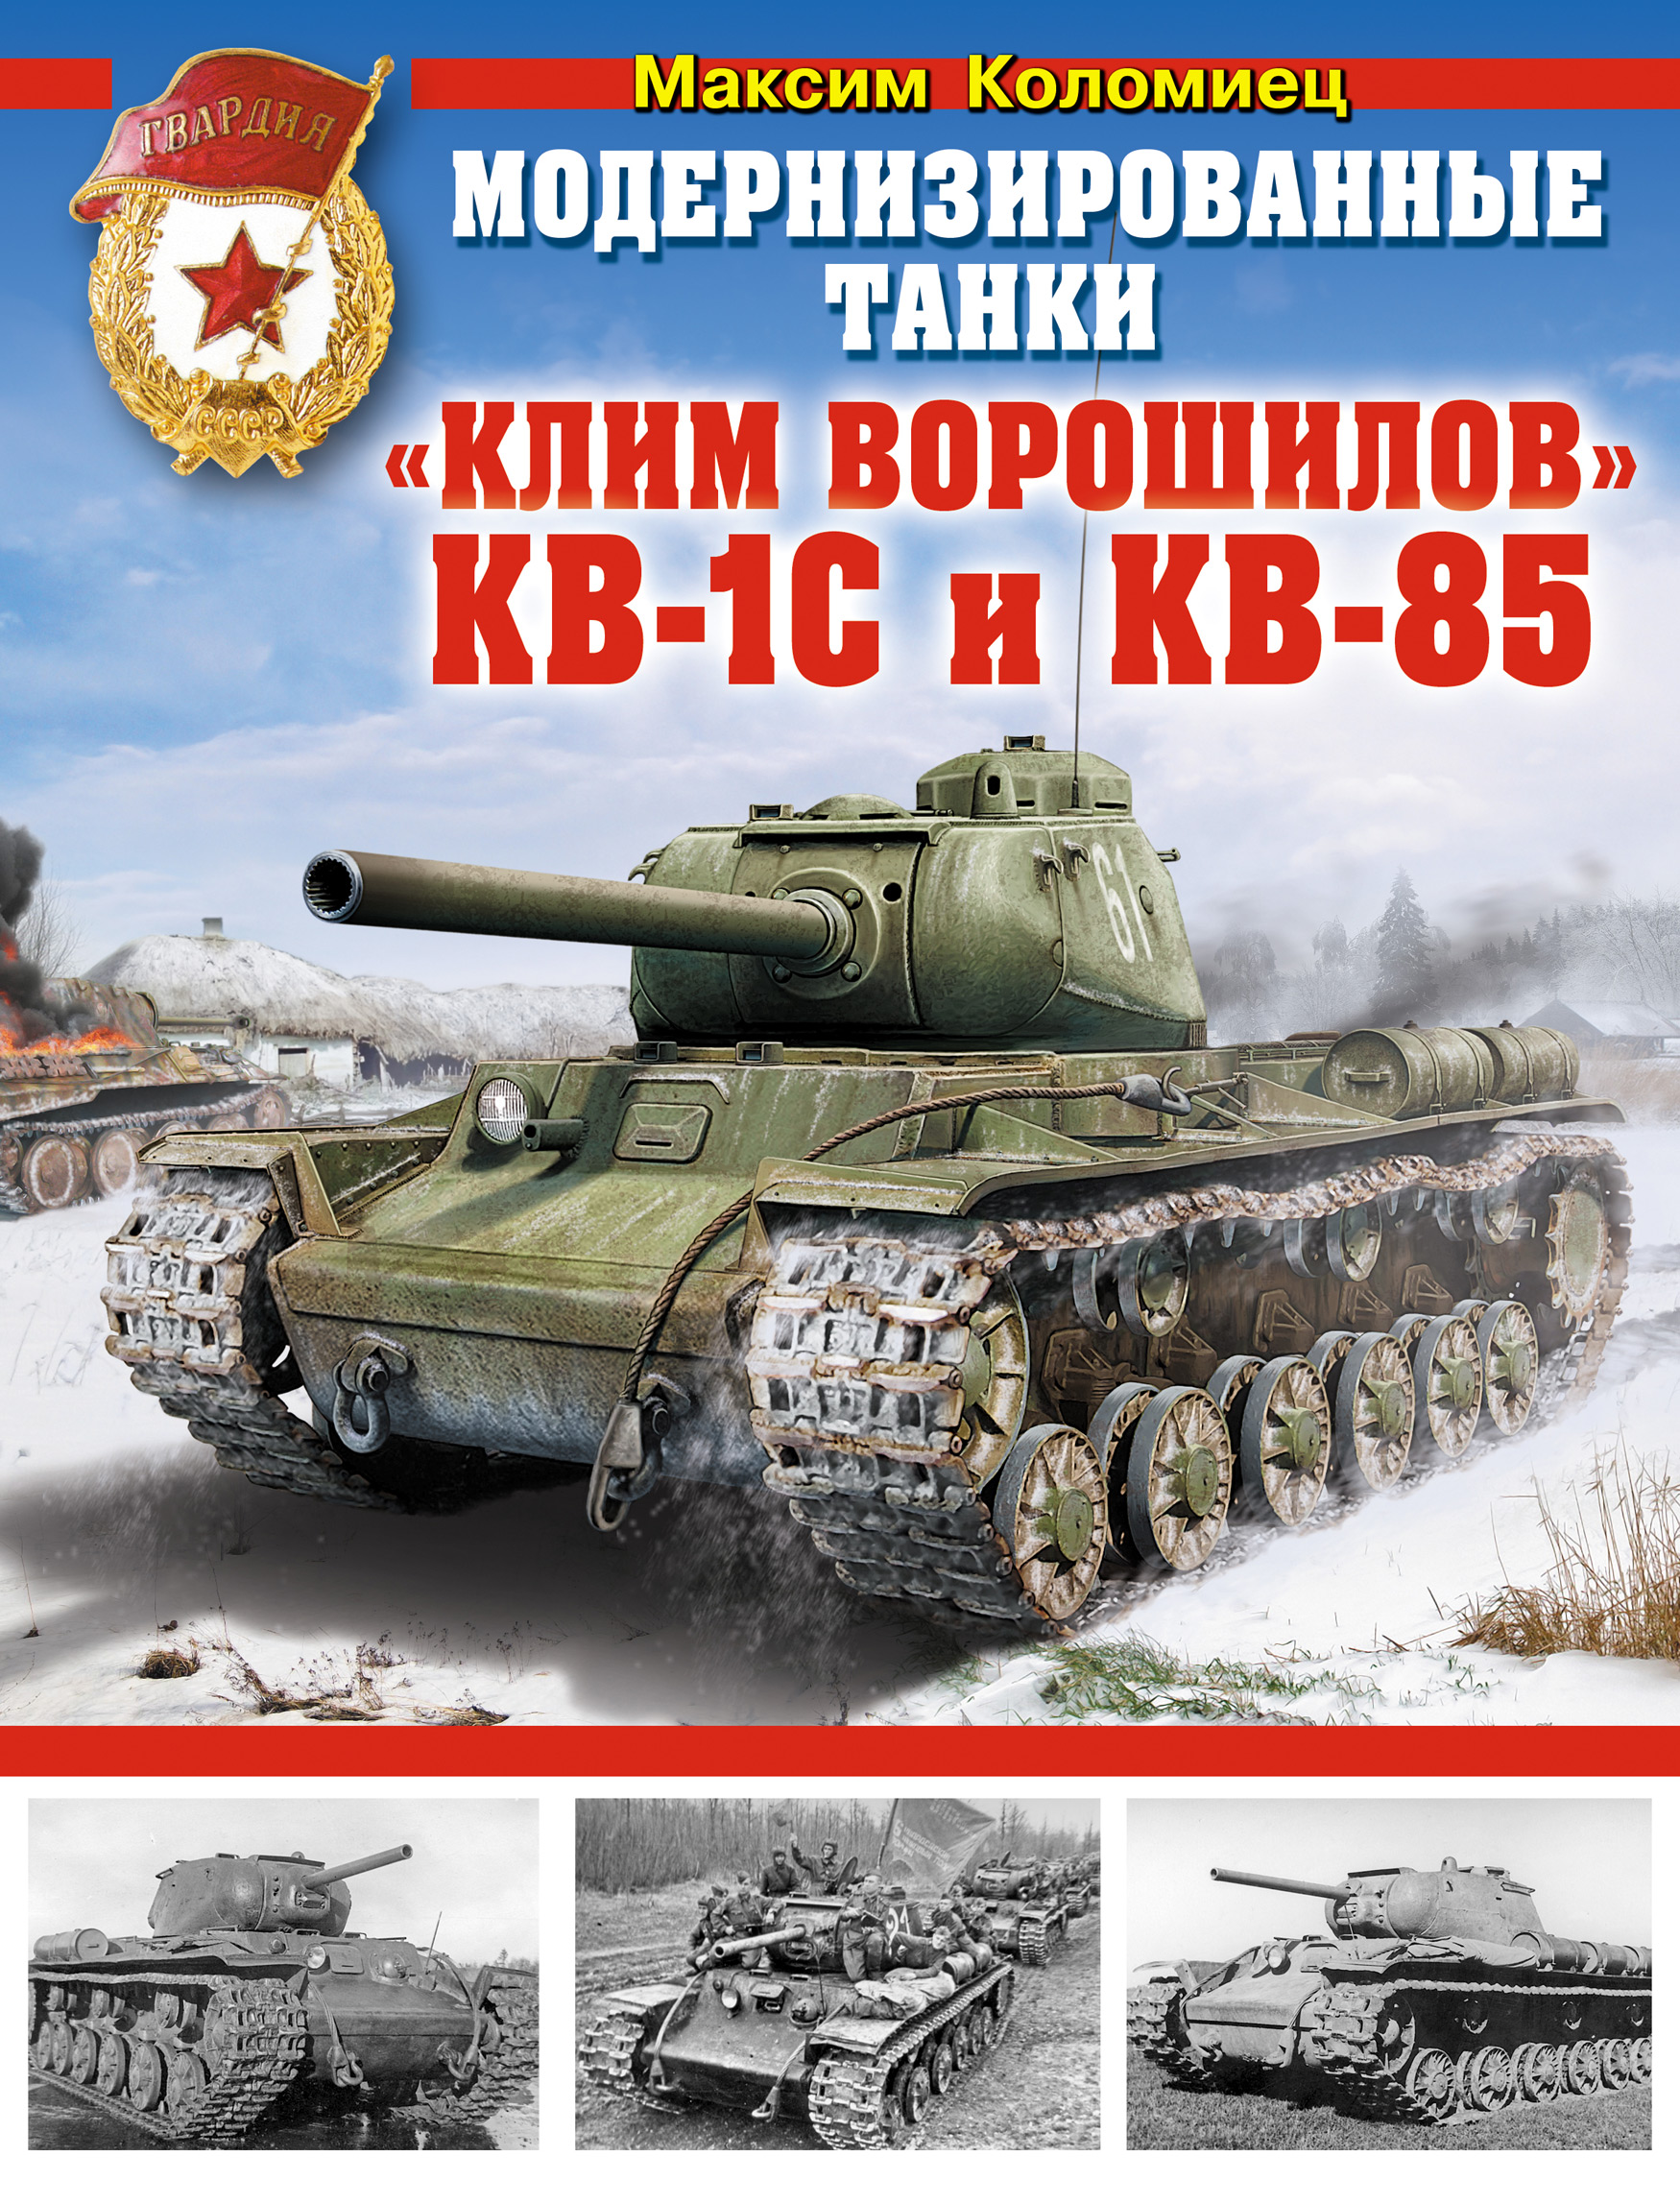 Максим Коломиец Модернизированные танки «Клим Ворошилов» КВ-1С и КВ-85 максим коломиец тяжелый танк кв 2 неуязвимый колосс сталина